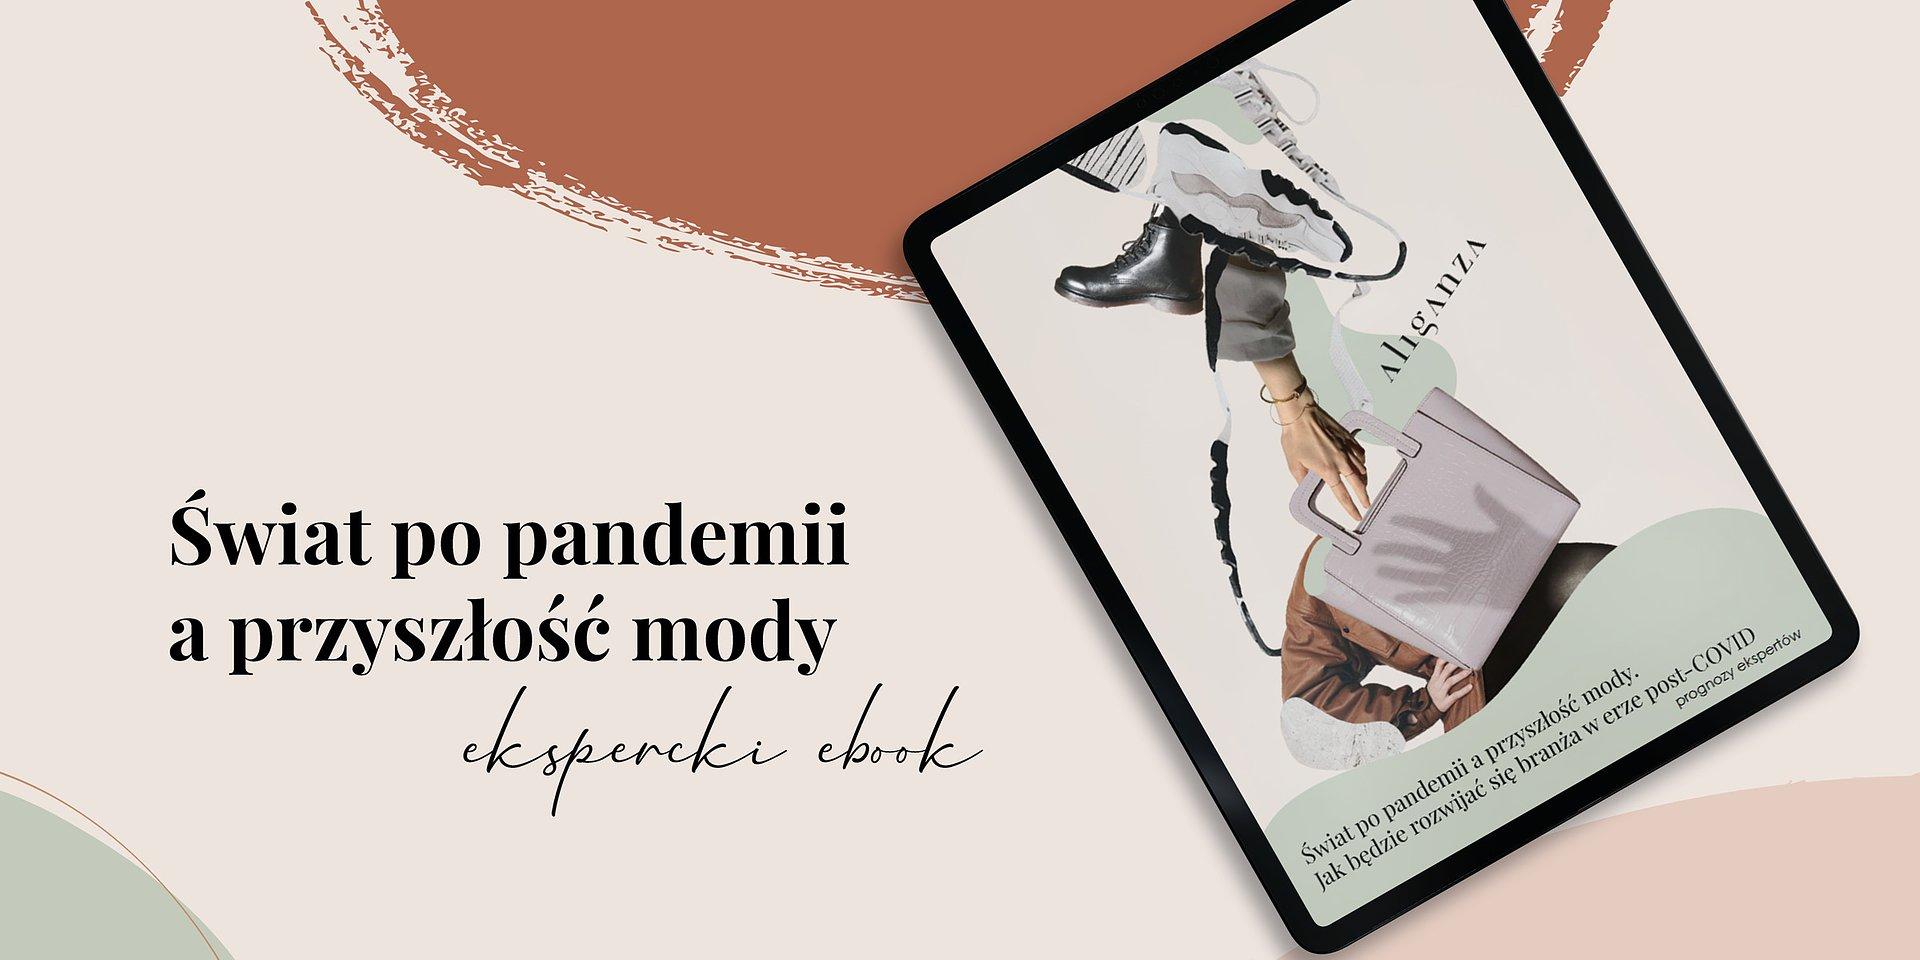 """""""Świat po pandemii a przyszłość mody. Jak będzie rozwijać się branża w erze post COVID - prognozy ekspertów"""" – ekspercki ebook agencji Aliganza"""